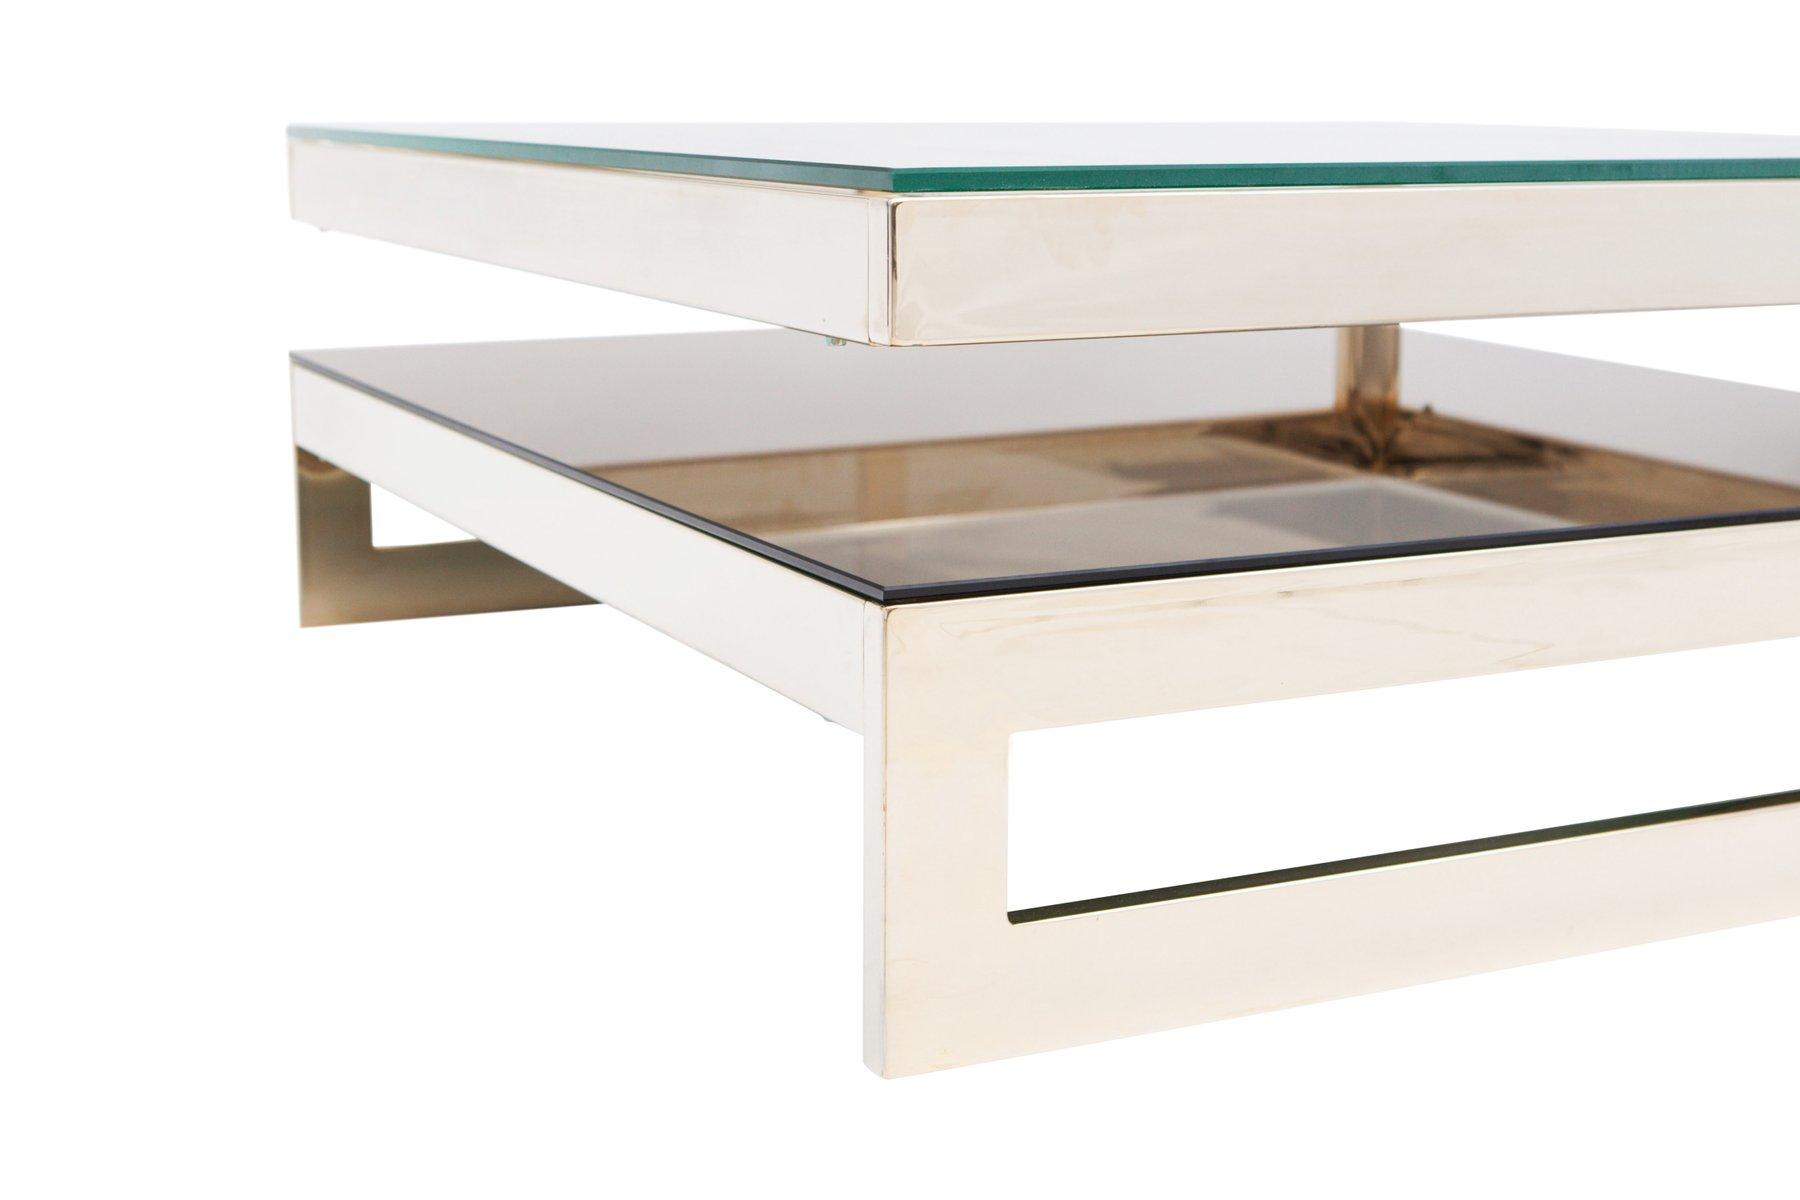 viereckiger vergoldeter g couchtisch mit ablage von m2000. Black Bedroom Furniture Sets. Home Design Ideas